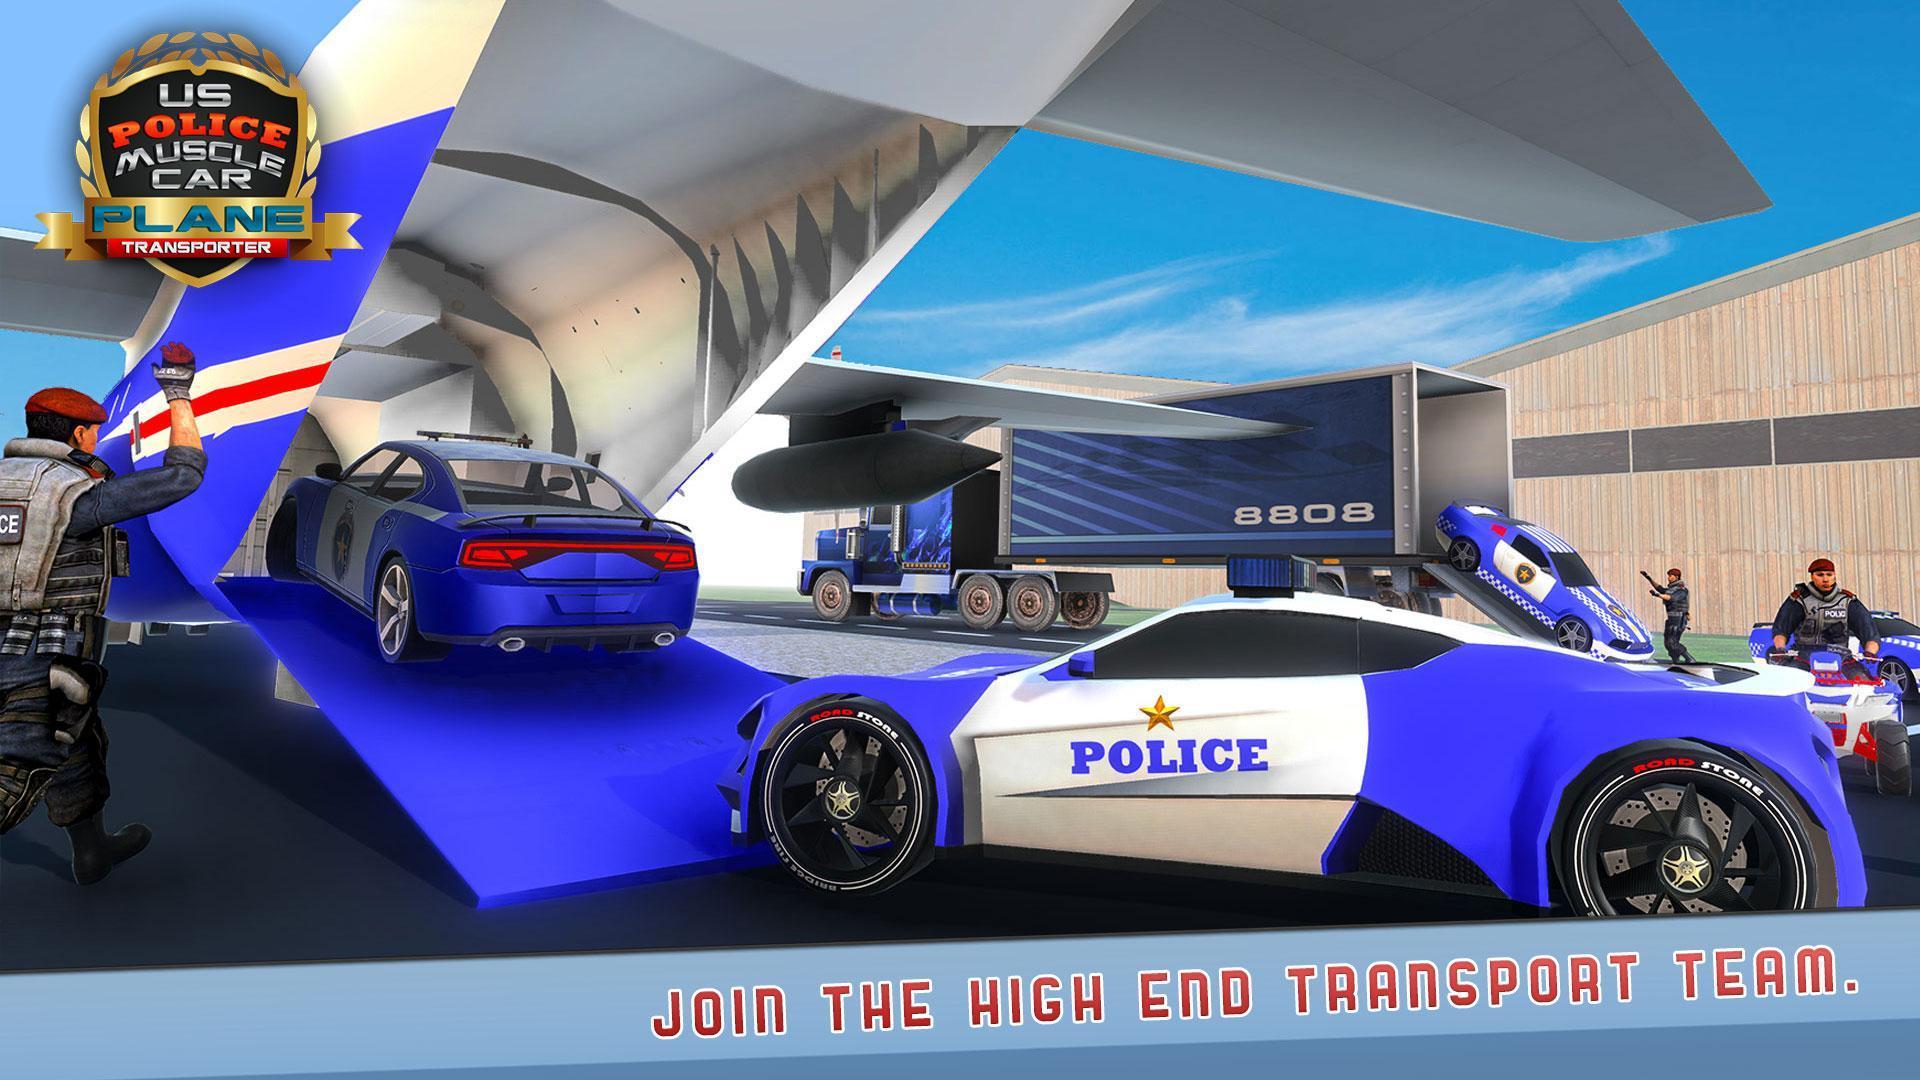 Nous Police Muscle Voiture Avion Transporteur Jeu Pour serapportantà Jeux De 4 4 Voiture